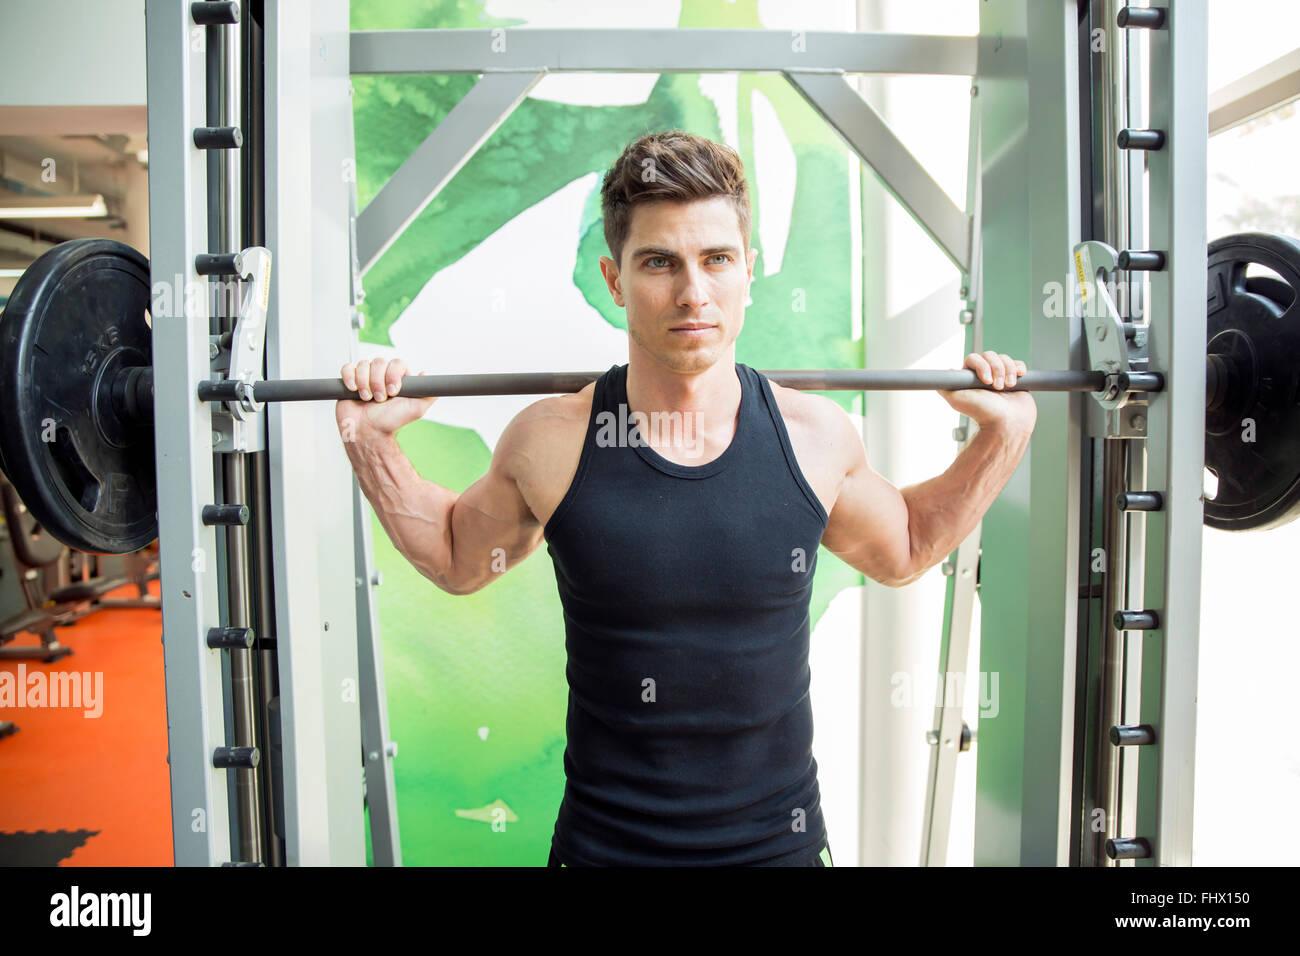 Uomo bello formazione in palestra per mantenersi in forma e forte Immagini Stock